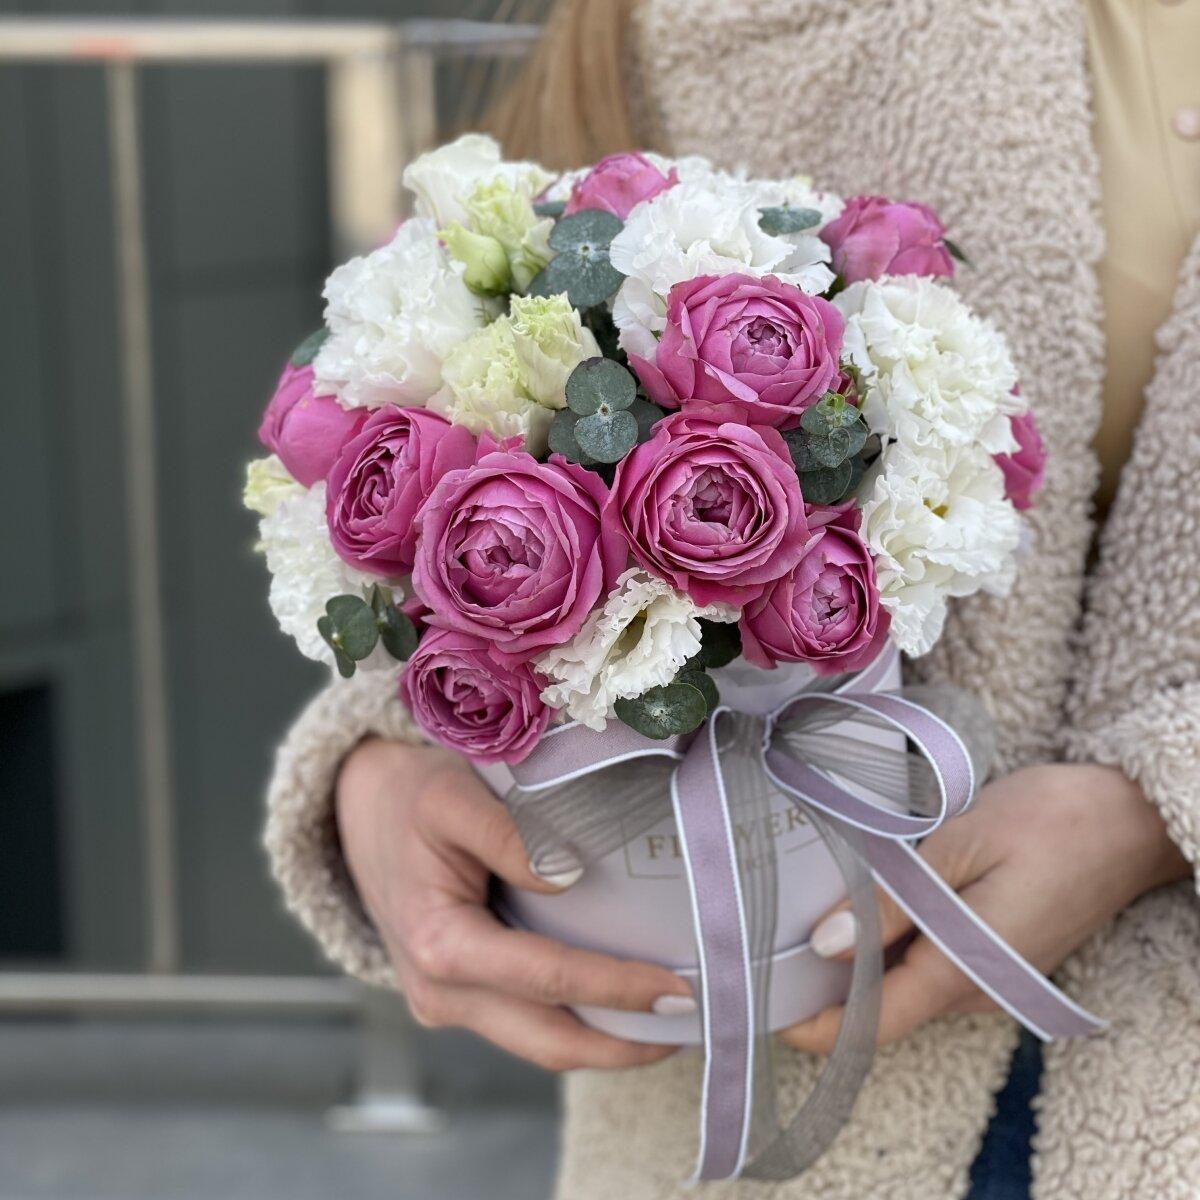 Коробка Валенсия с кустовыми пионовидными розами и эустомой